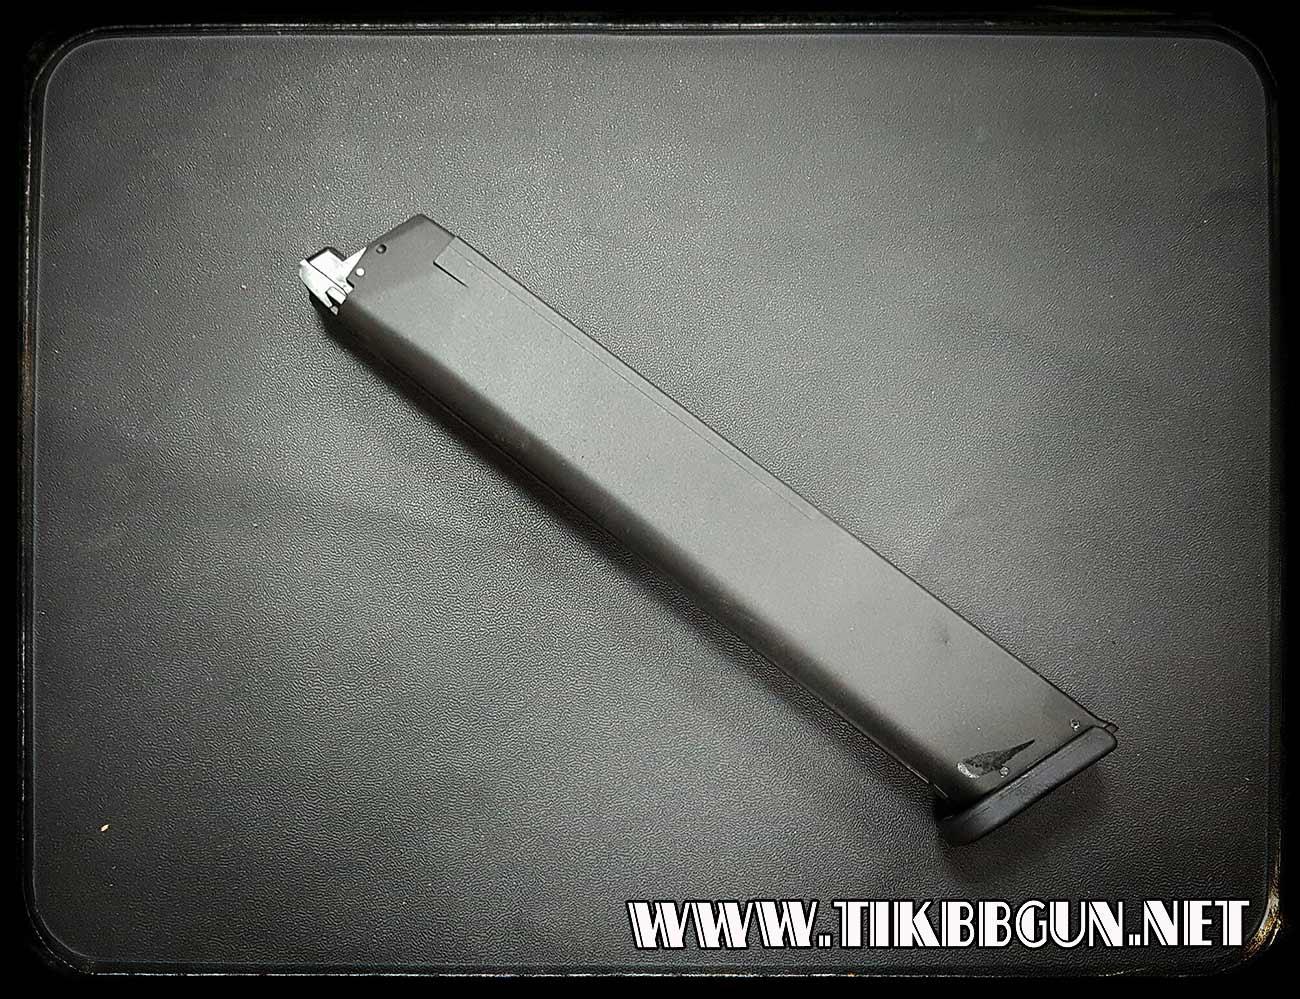 แม๊กยาวสำหรับปืนแก๊สโบลว์แบล็ค G17 G18 G19 G23 G33(GBB)